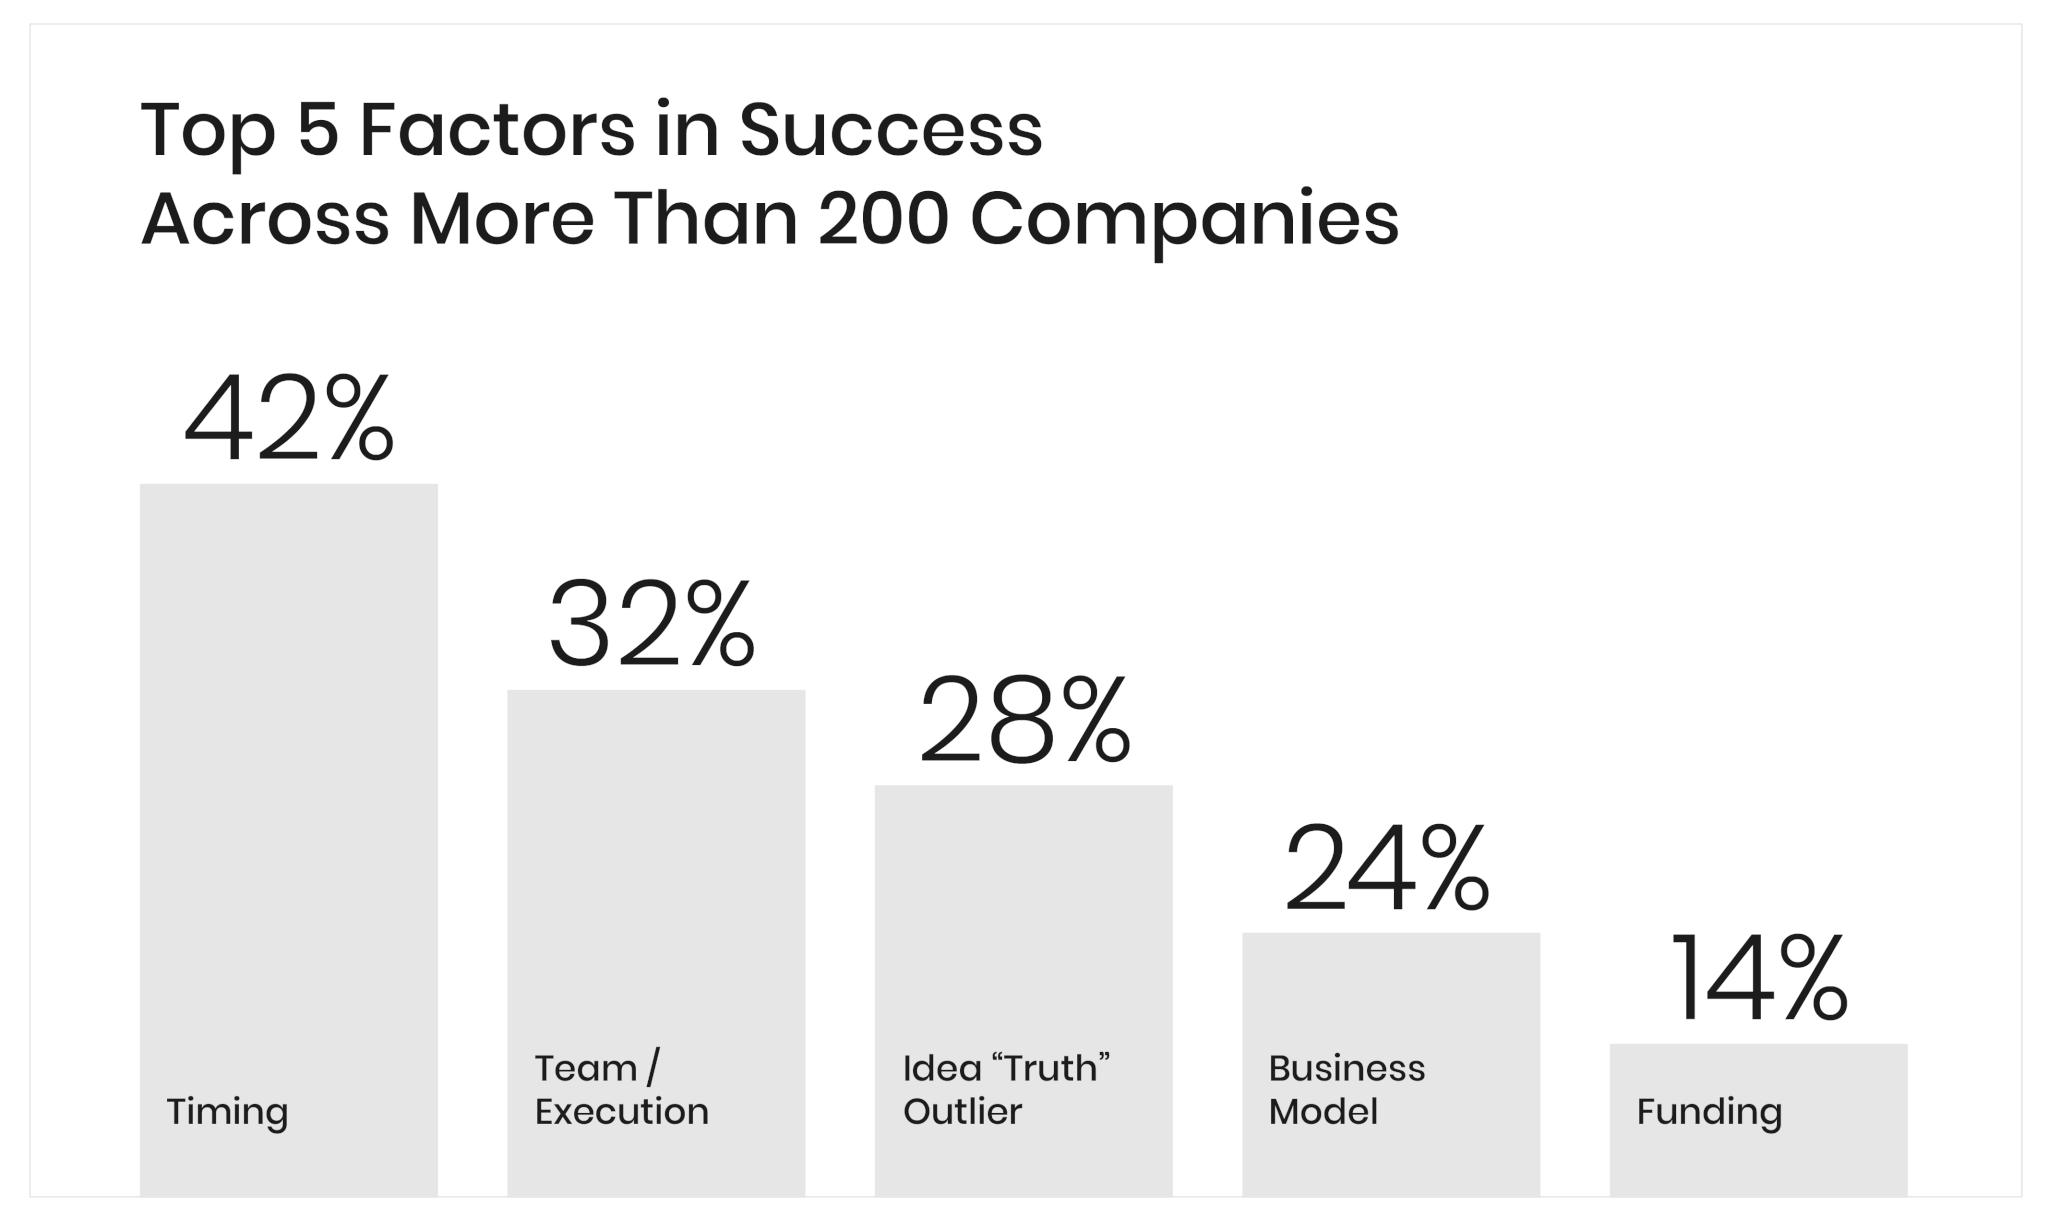 Top 5 factors in success